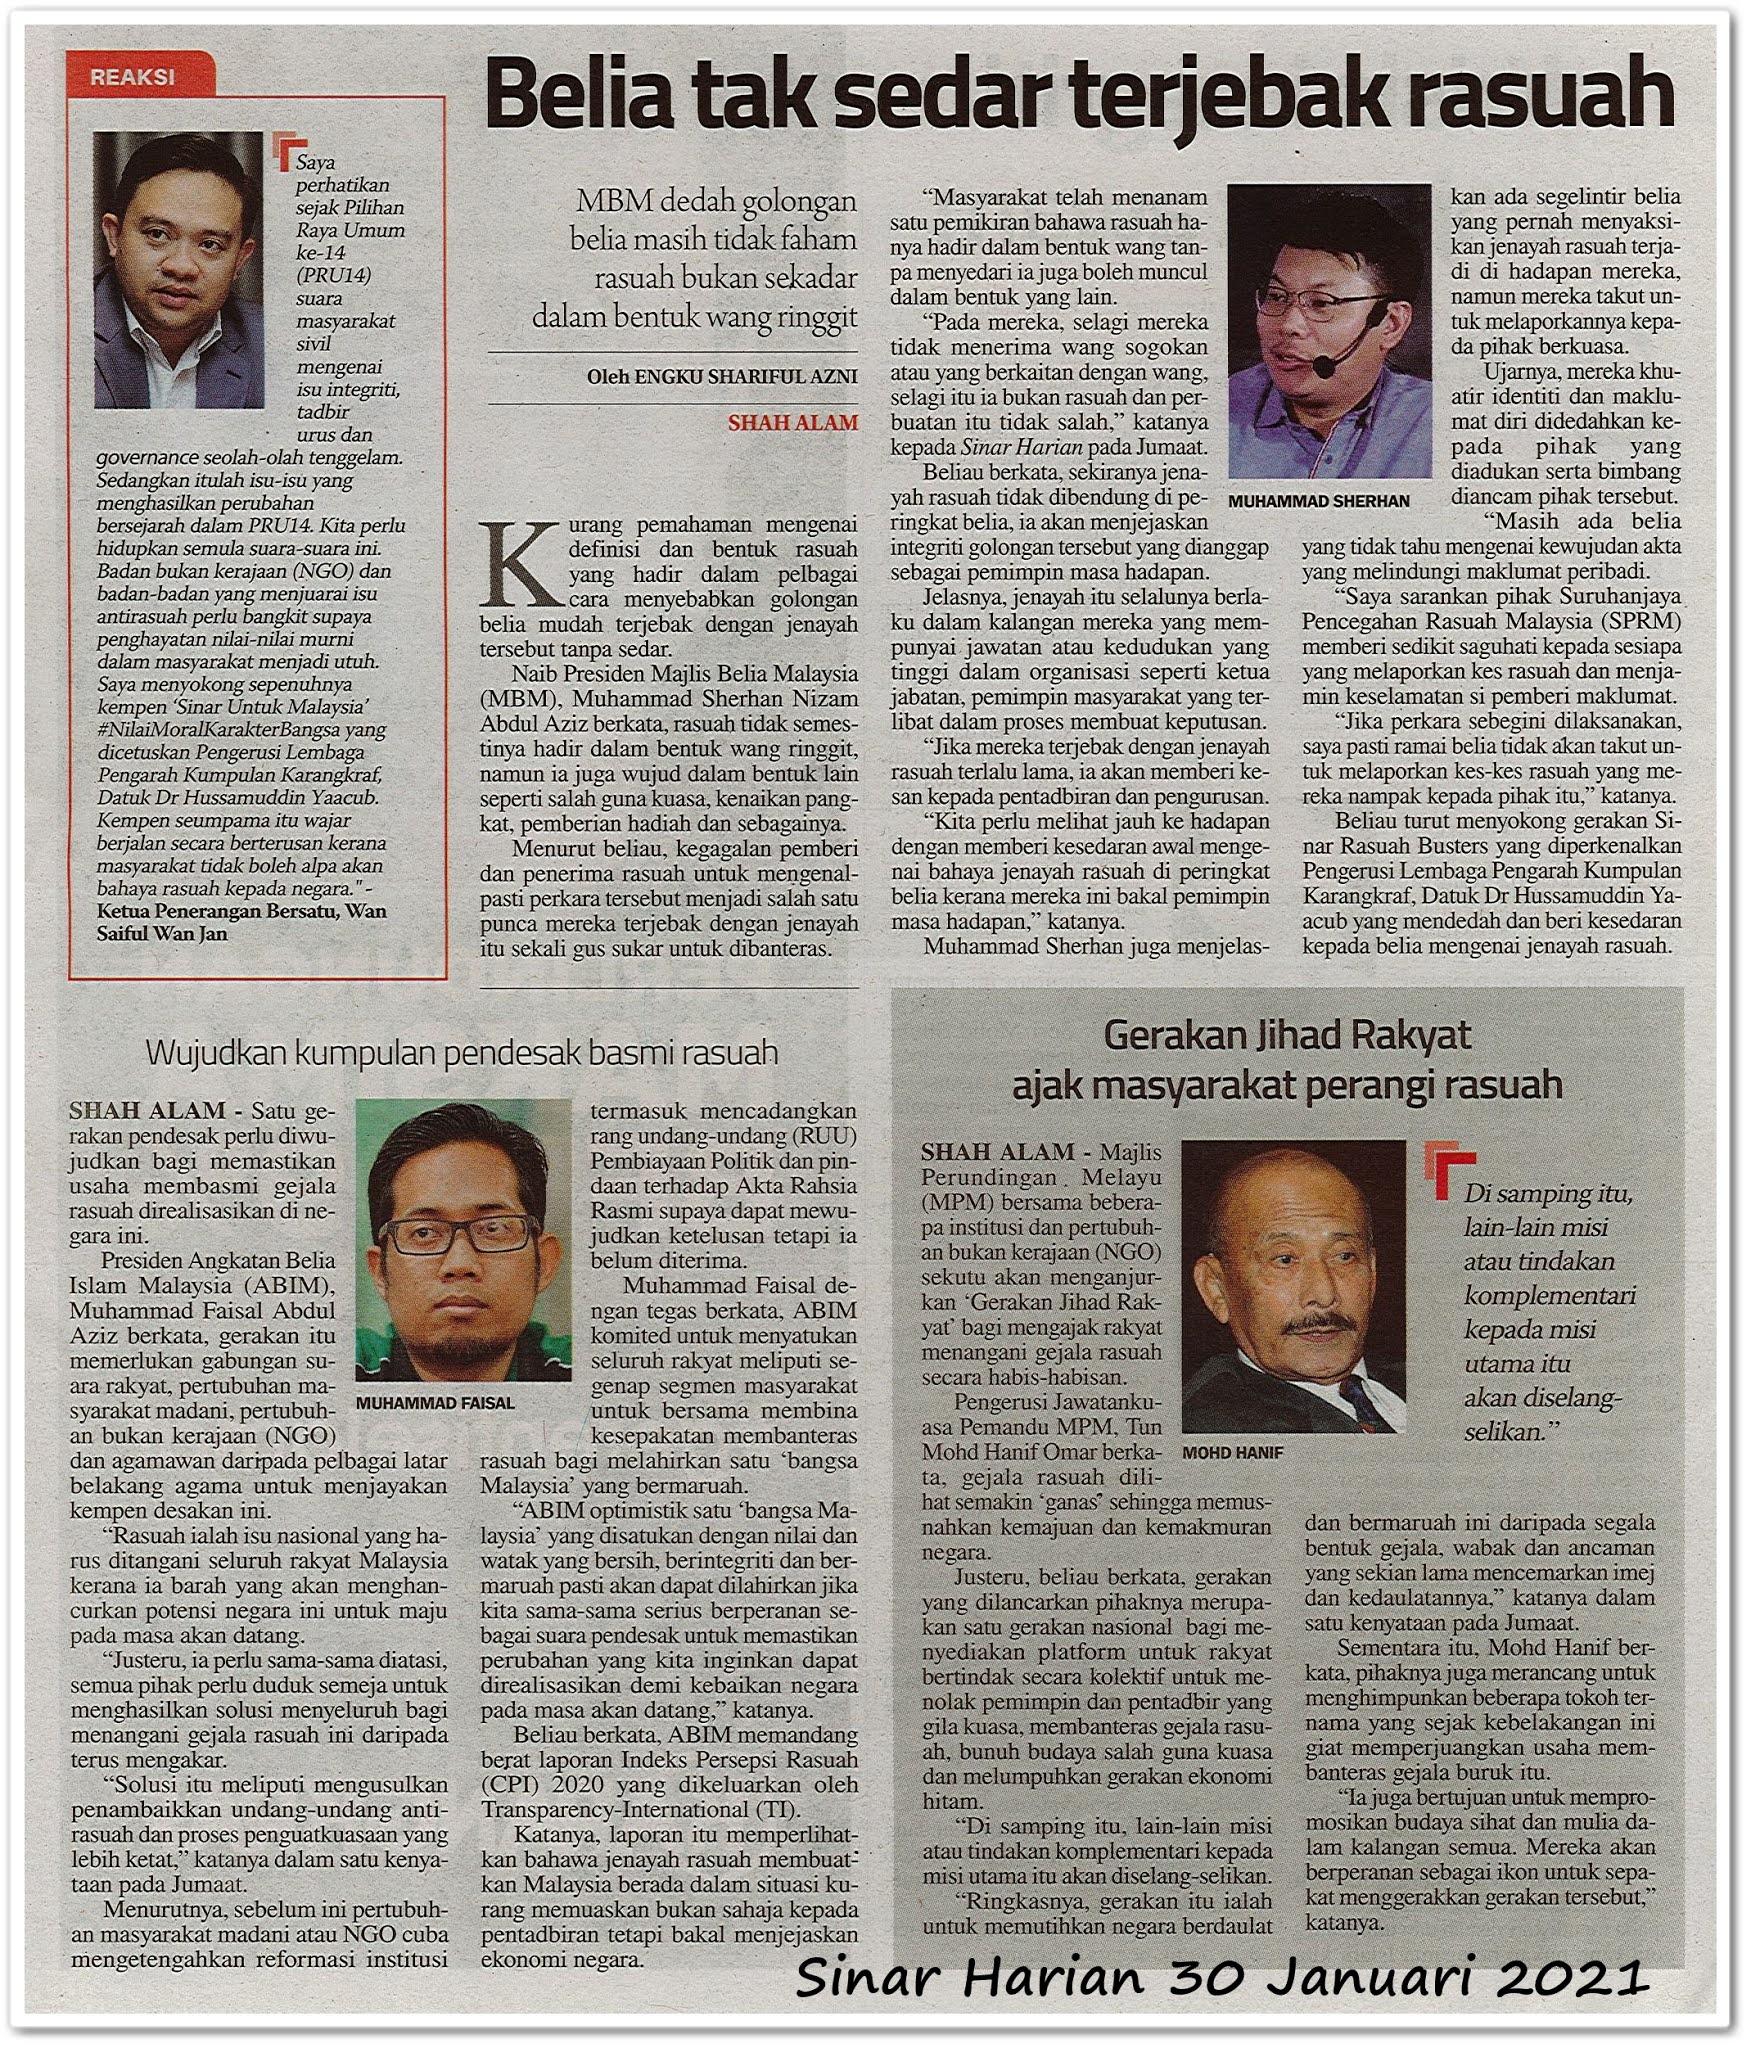 Rasuah di kalangan rakyat Malaysia - Keratan akhbar Sinar Harian 30 Januari 2021